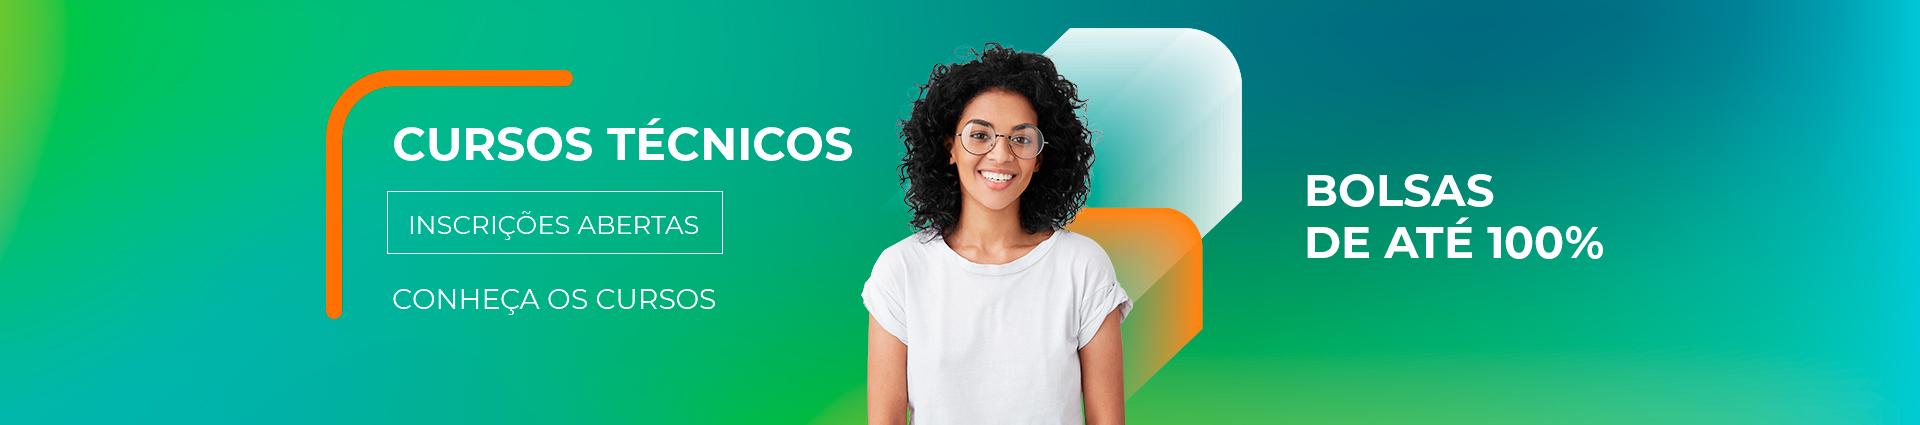 Banner_Curso_Tecnico_Bolsas